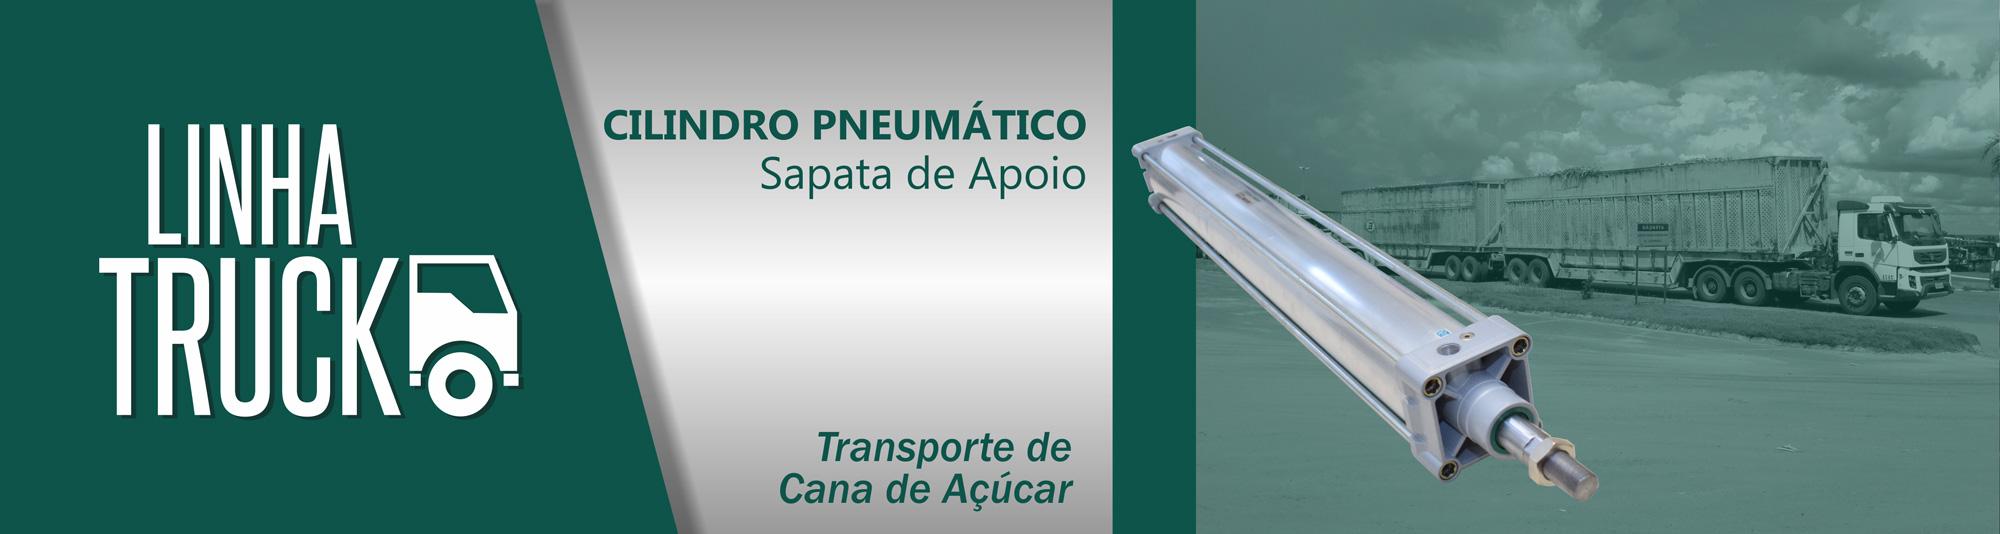 banner-Cilindro-Pneumático-Automação-da-Sapata-de-Apoio